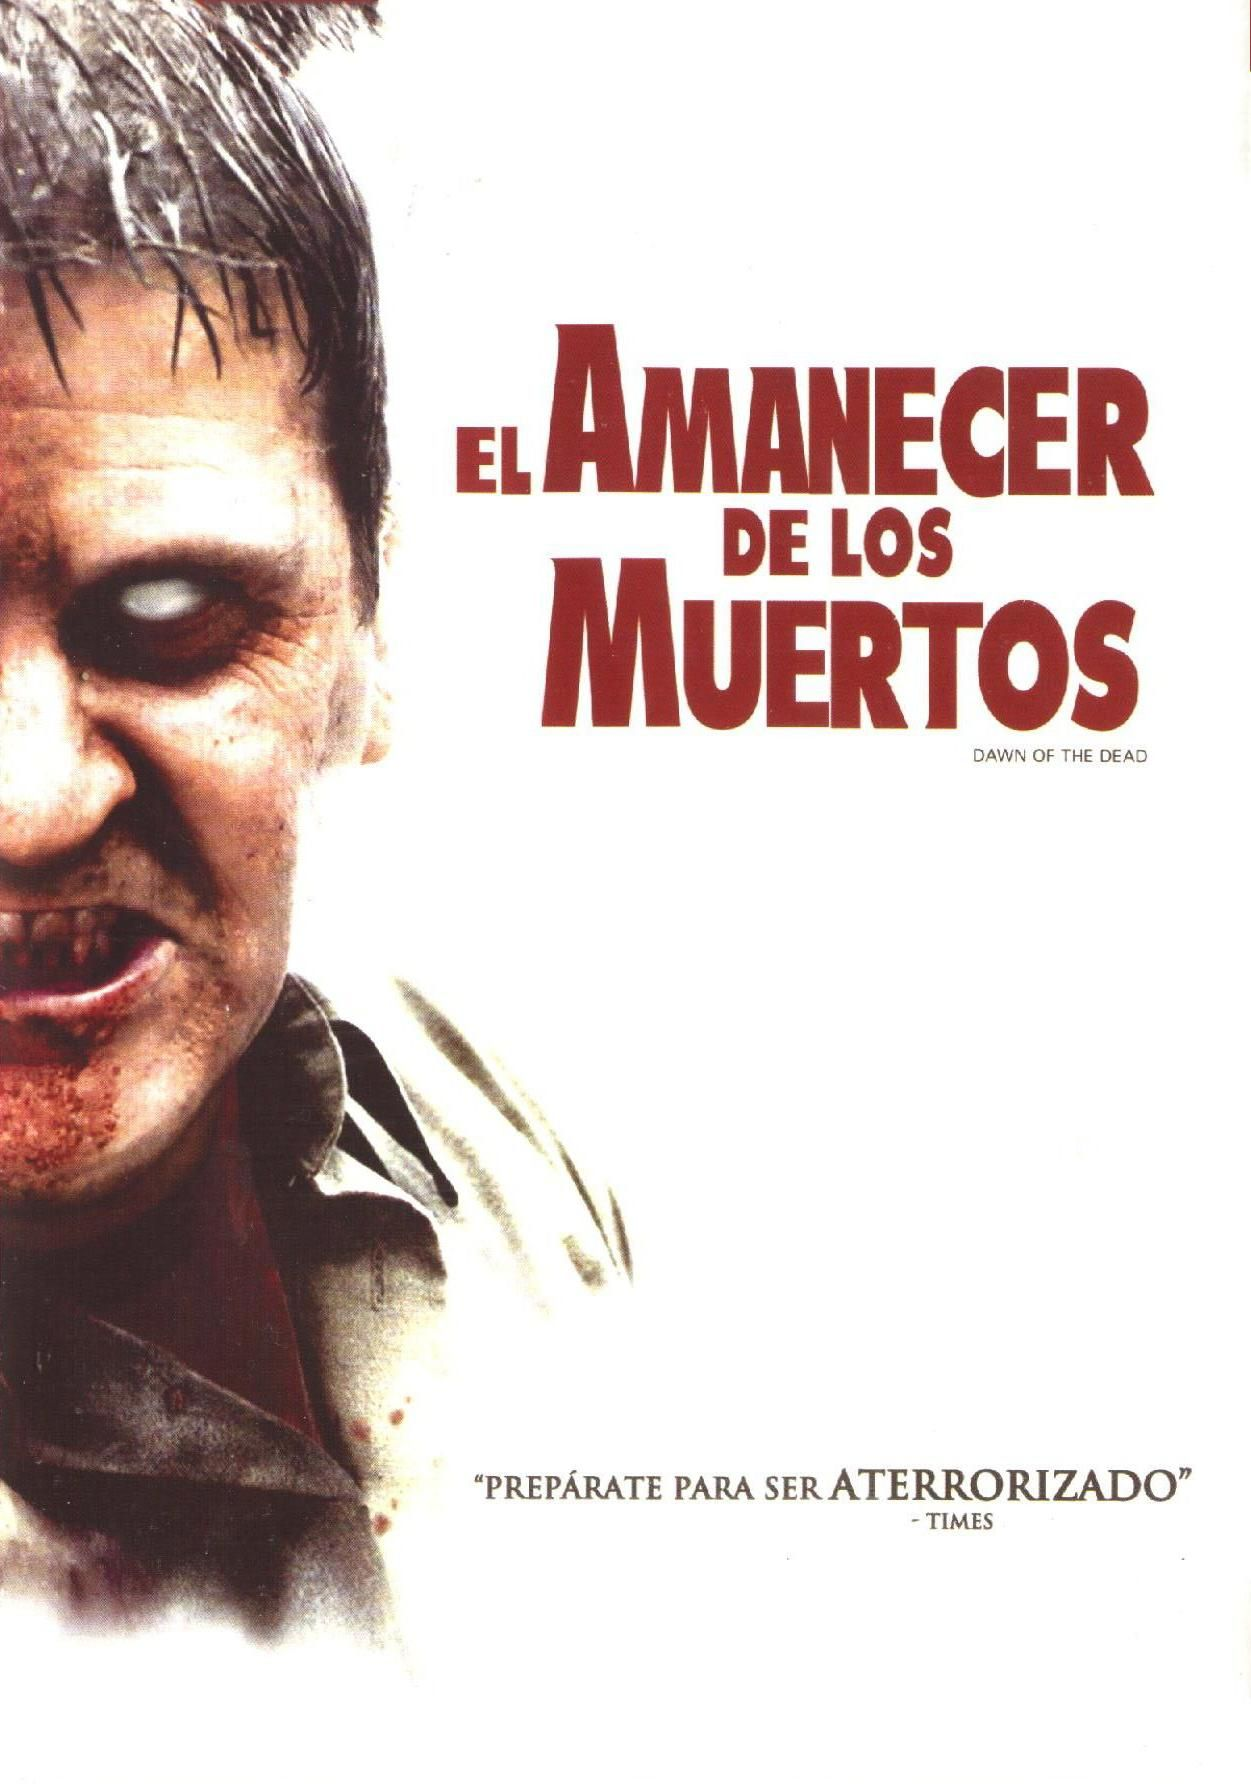 El Amanecer De Los Muertos 2004 Ver Online Http My Mail Ru Mail Gottsu01 Video Myvideo El Amanecer De Los Muertos Peliculas De Terror Cine De Terror